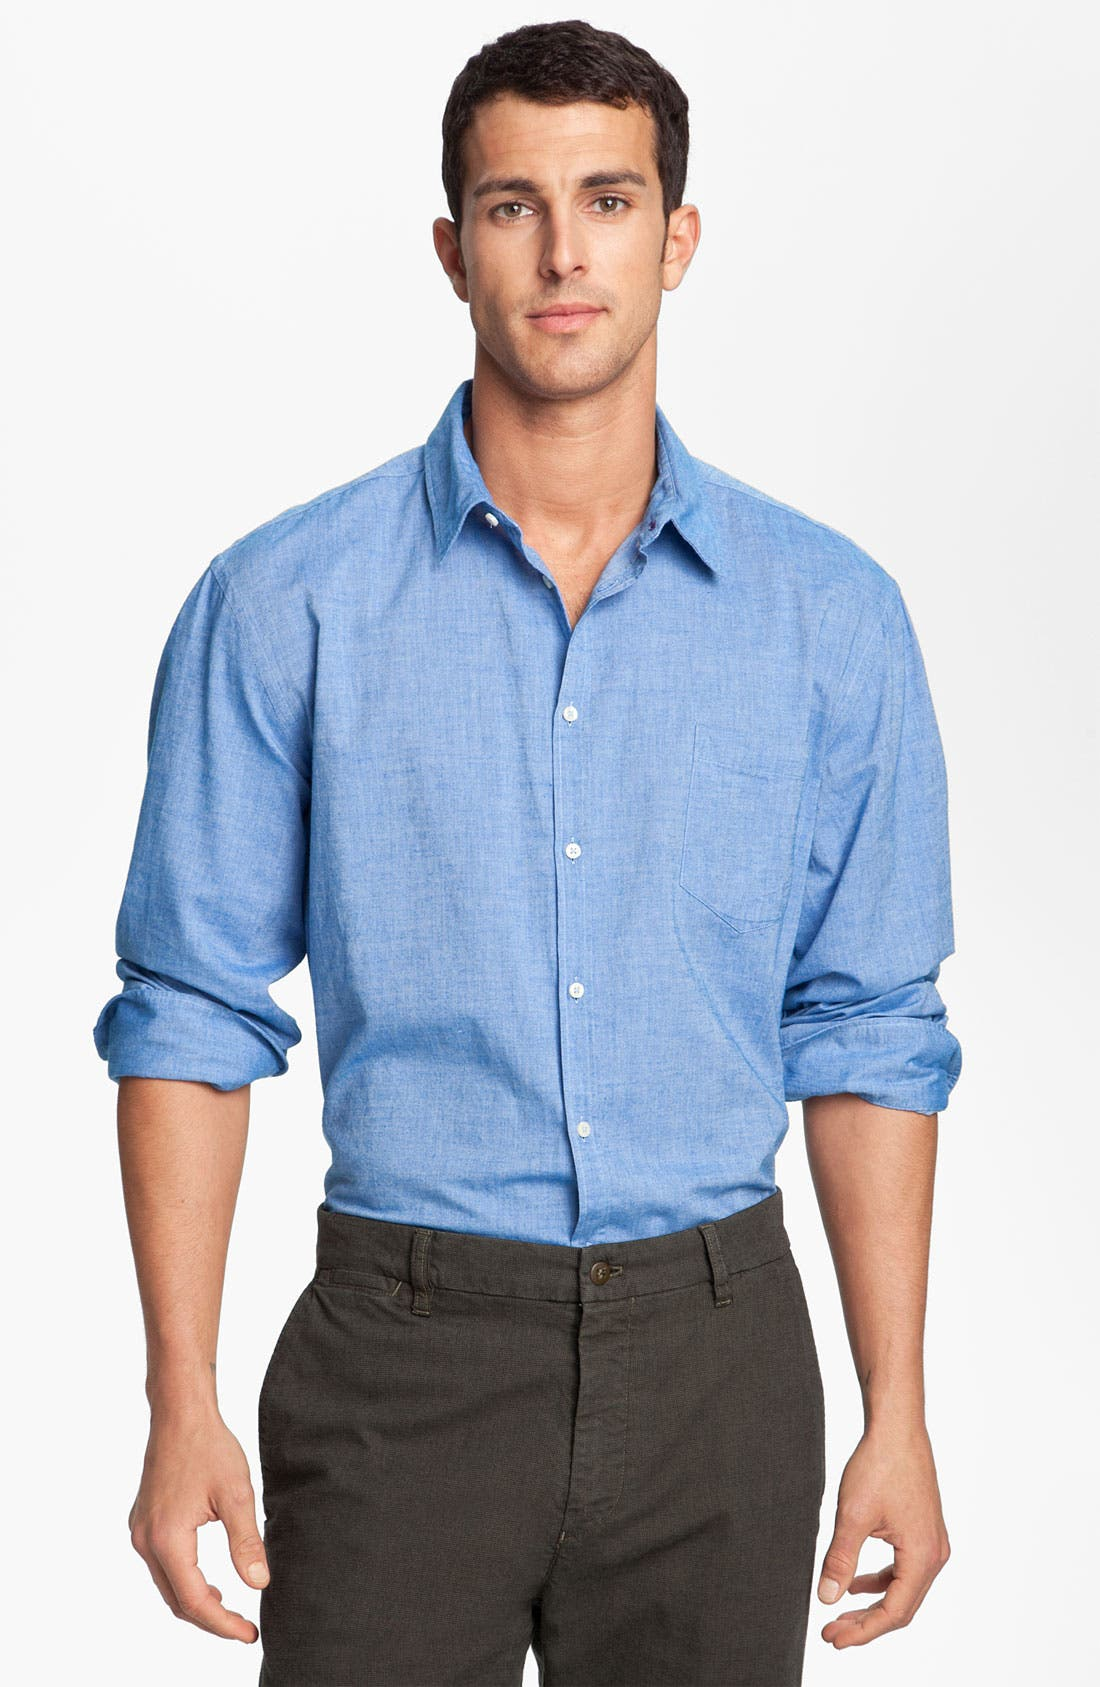 Alternate Image 1 Selected - Mason's Brushed Cotton Shirt